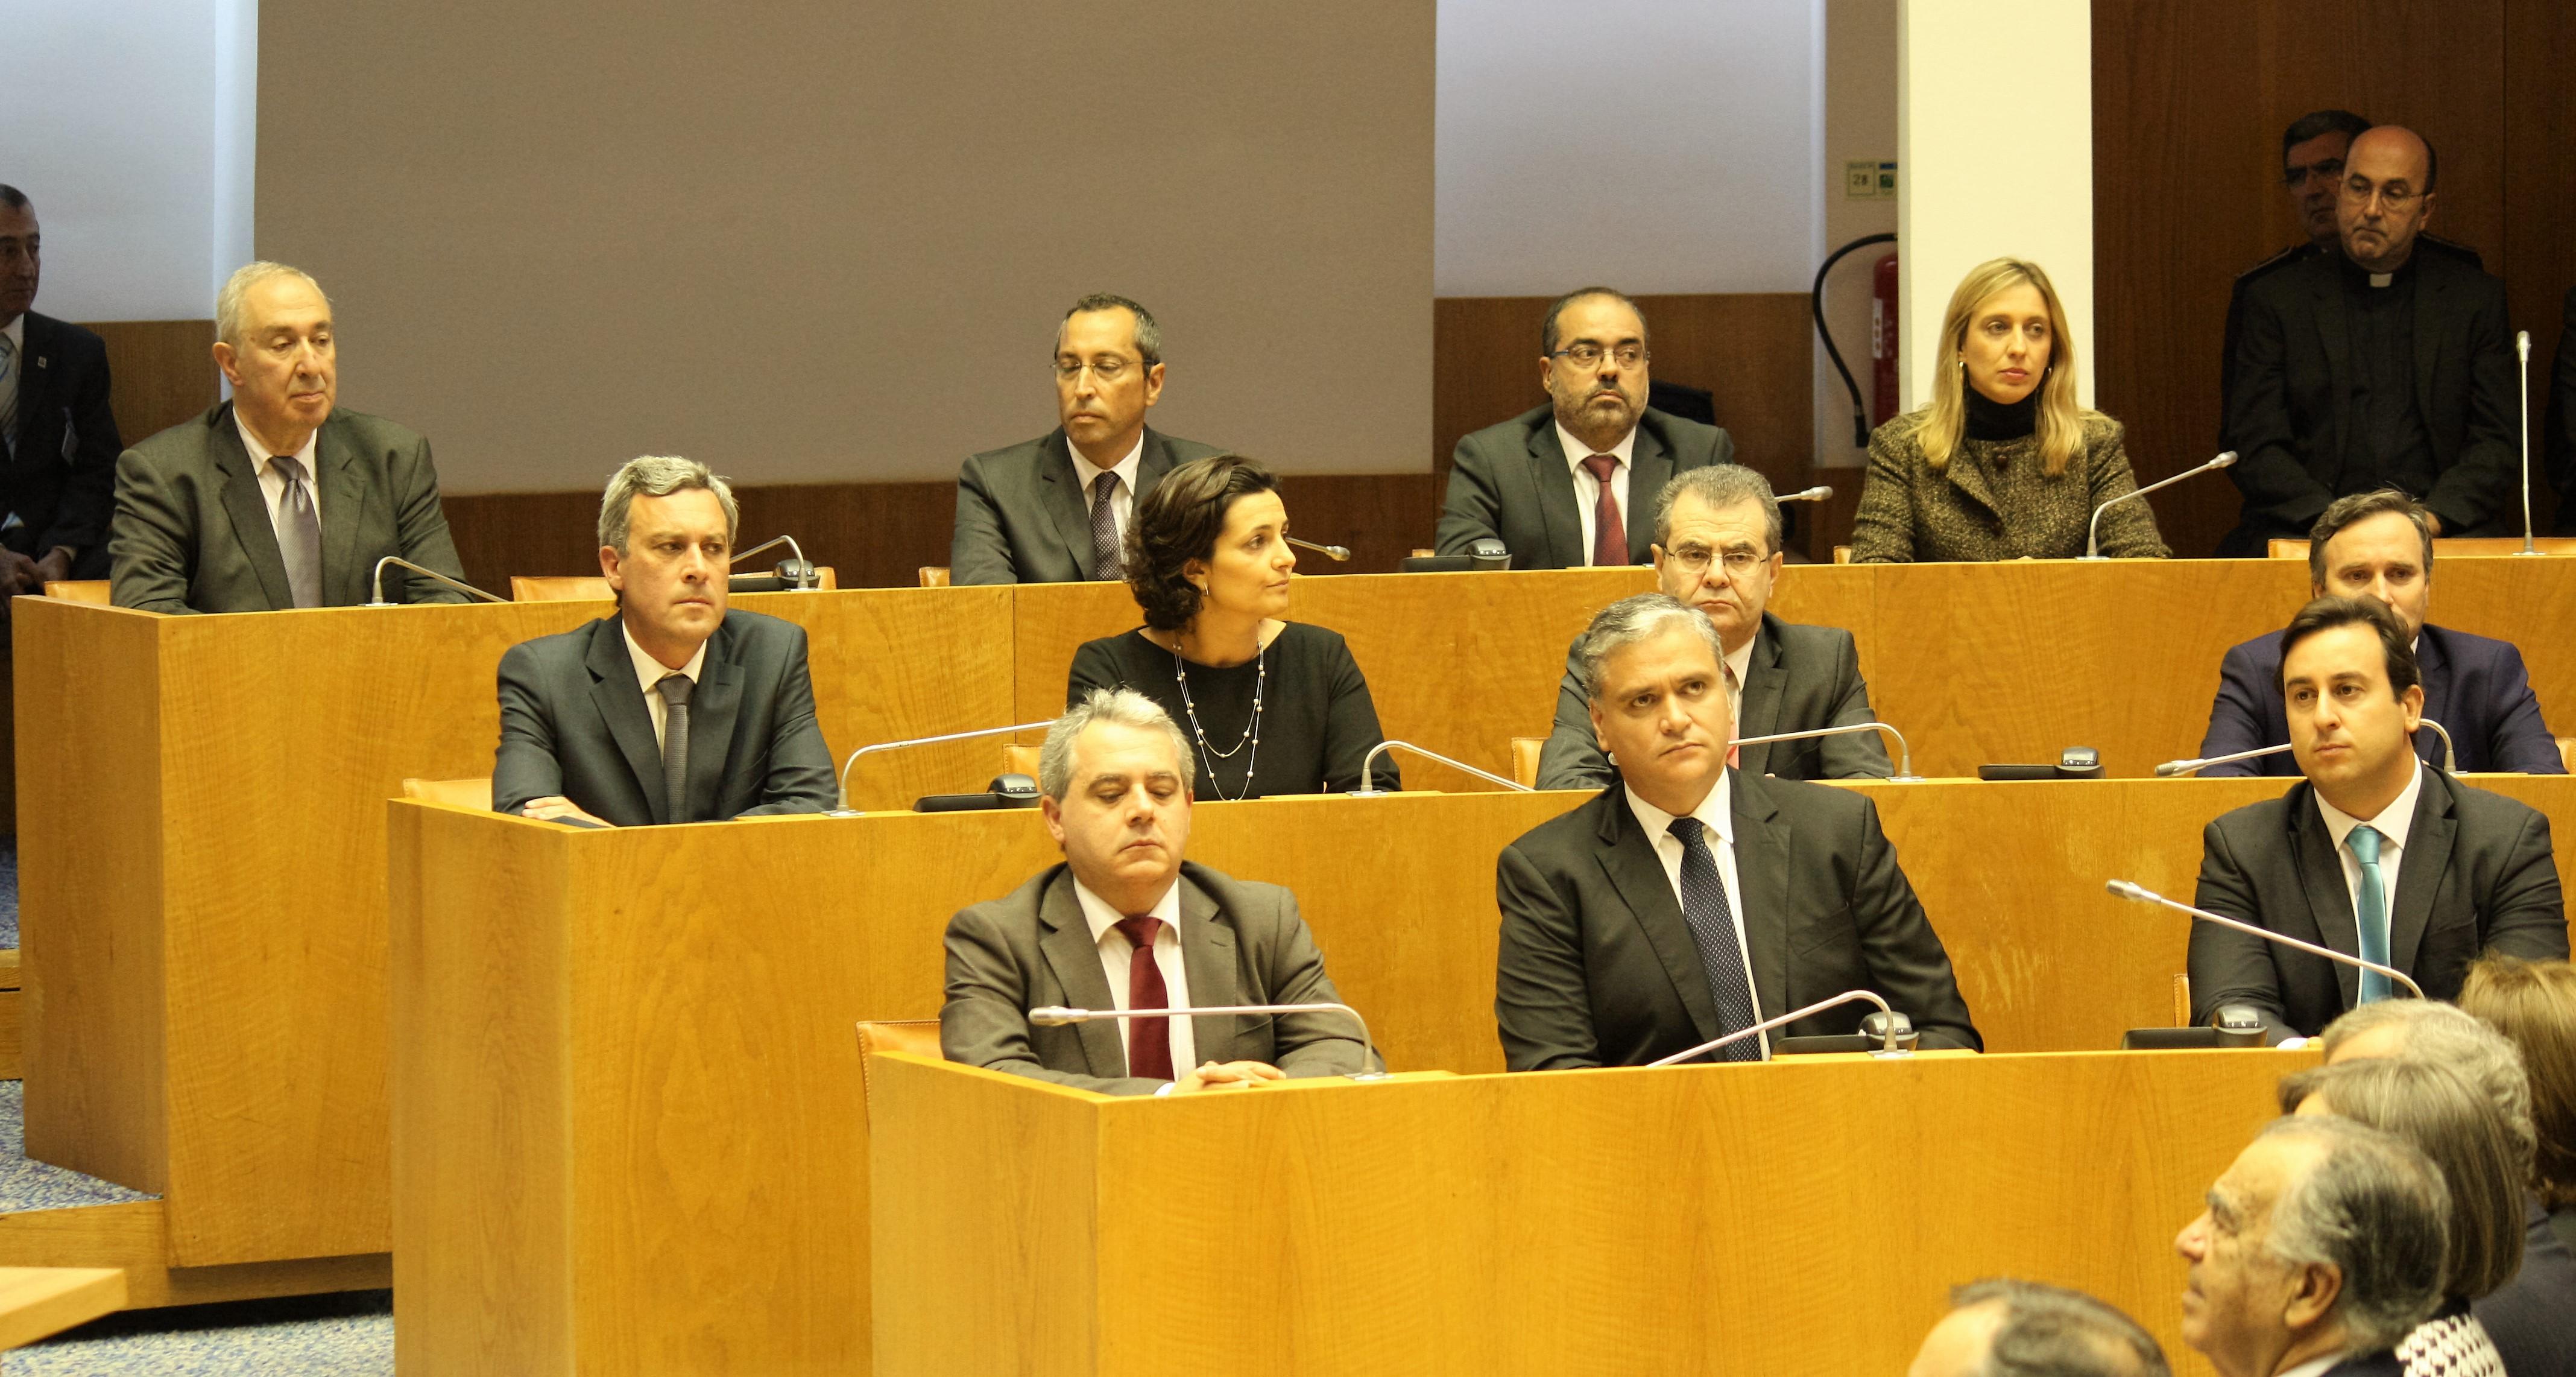 XII Governo Regional dos Açores já tomou posse – Vasco Cordeiro quer concretizar sonho chamado Açores (c/áudio)